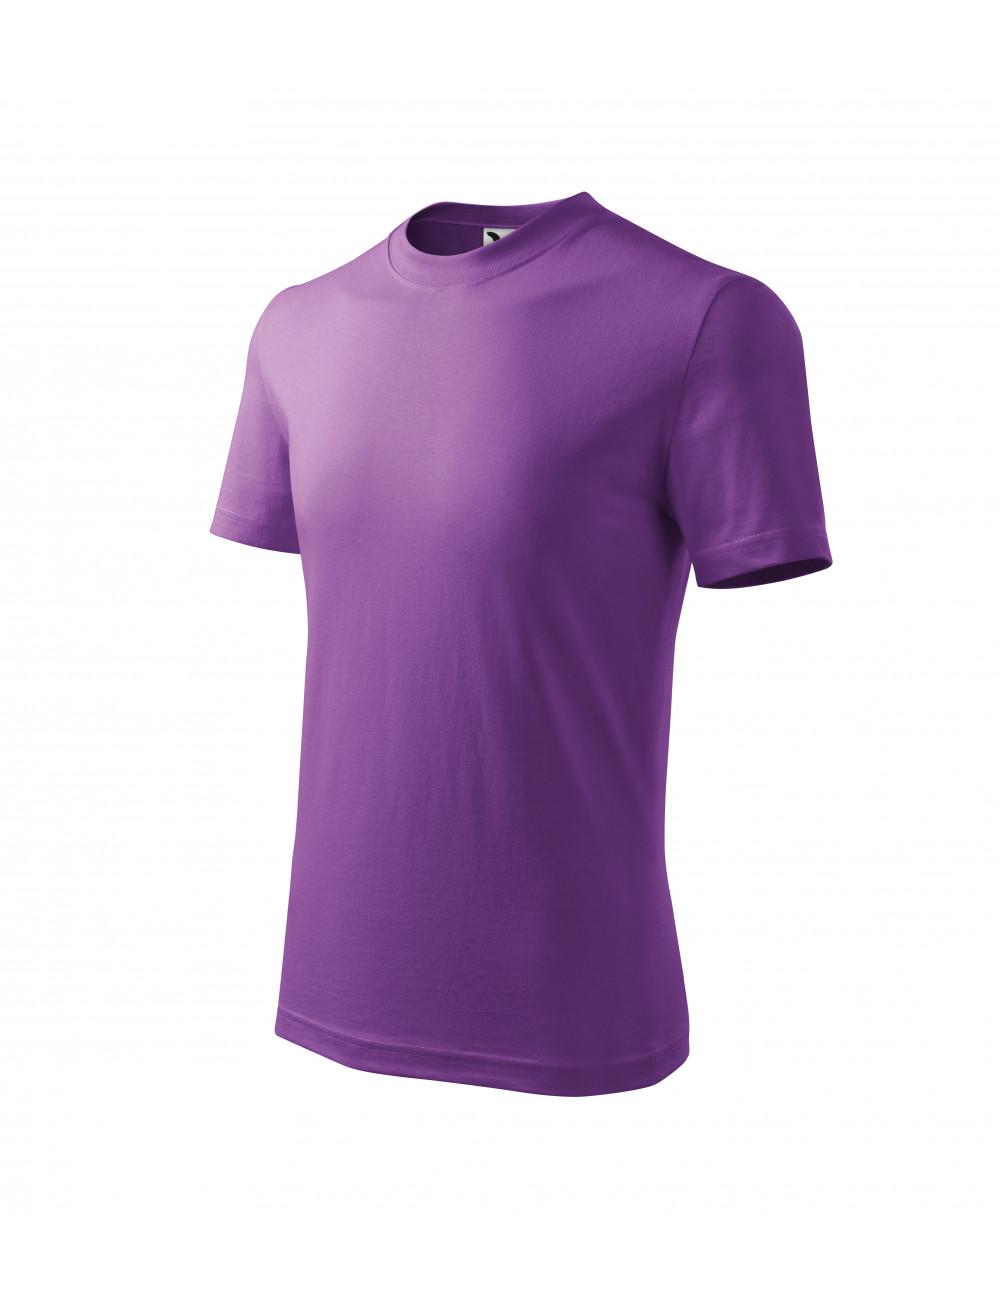 Adler MALFINI Koszulka dziecięca Basic 138 fioletowy